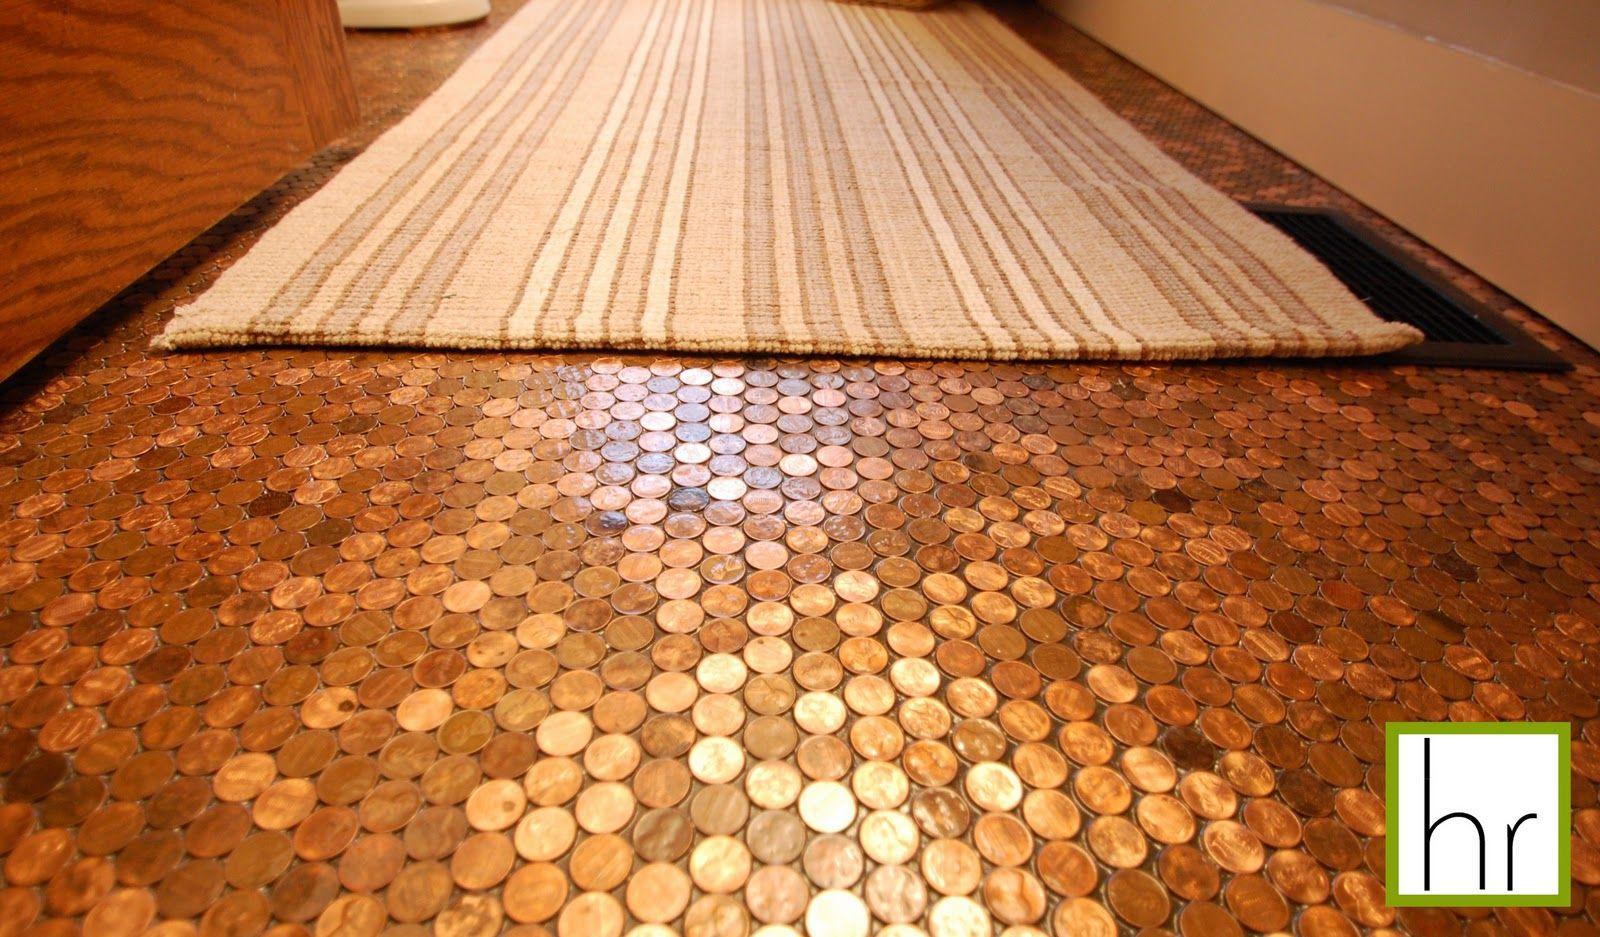 Fußboden Aus Pennys ~ Penny floor tutorial diy fußboden